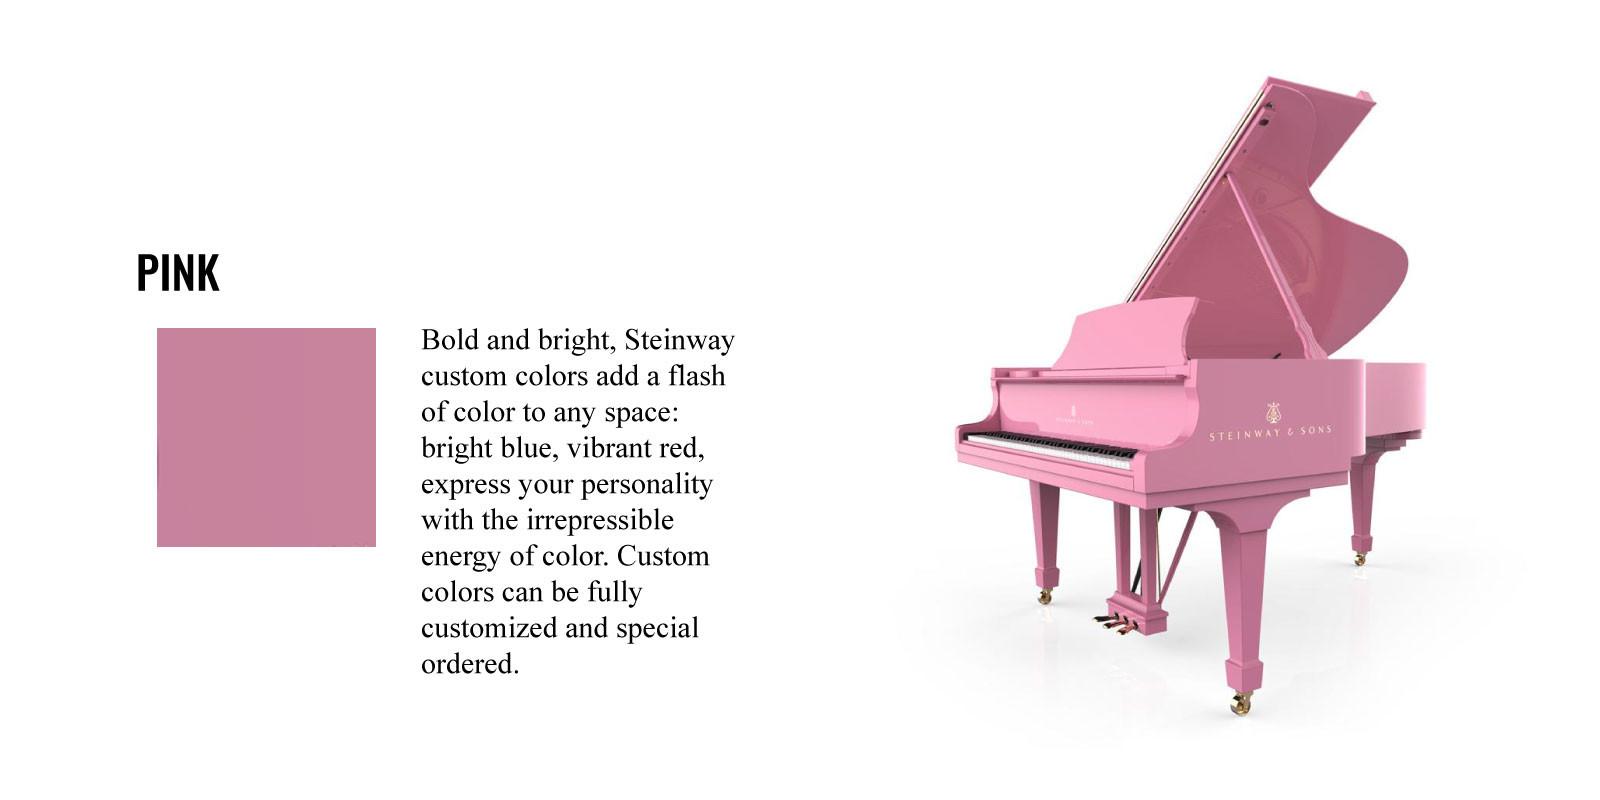 PP-Steinway-Custom-Color-Slideshow-7.jpg